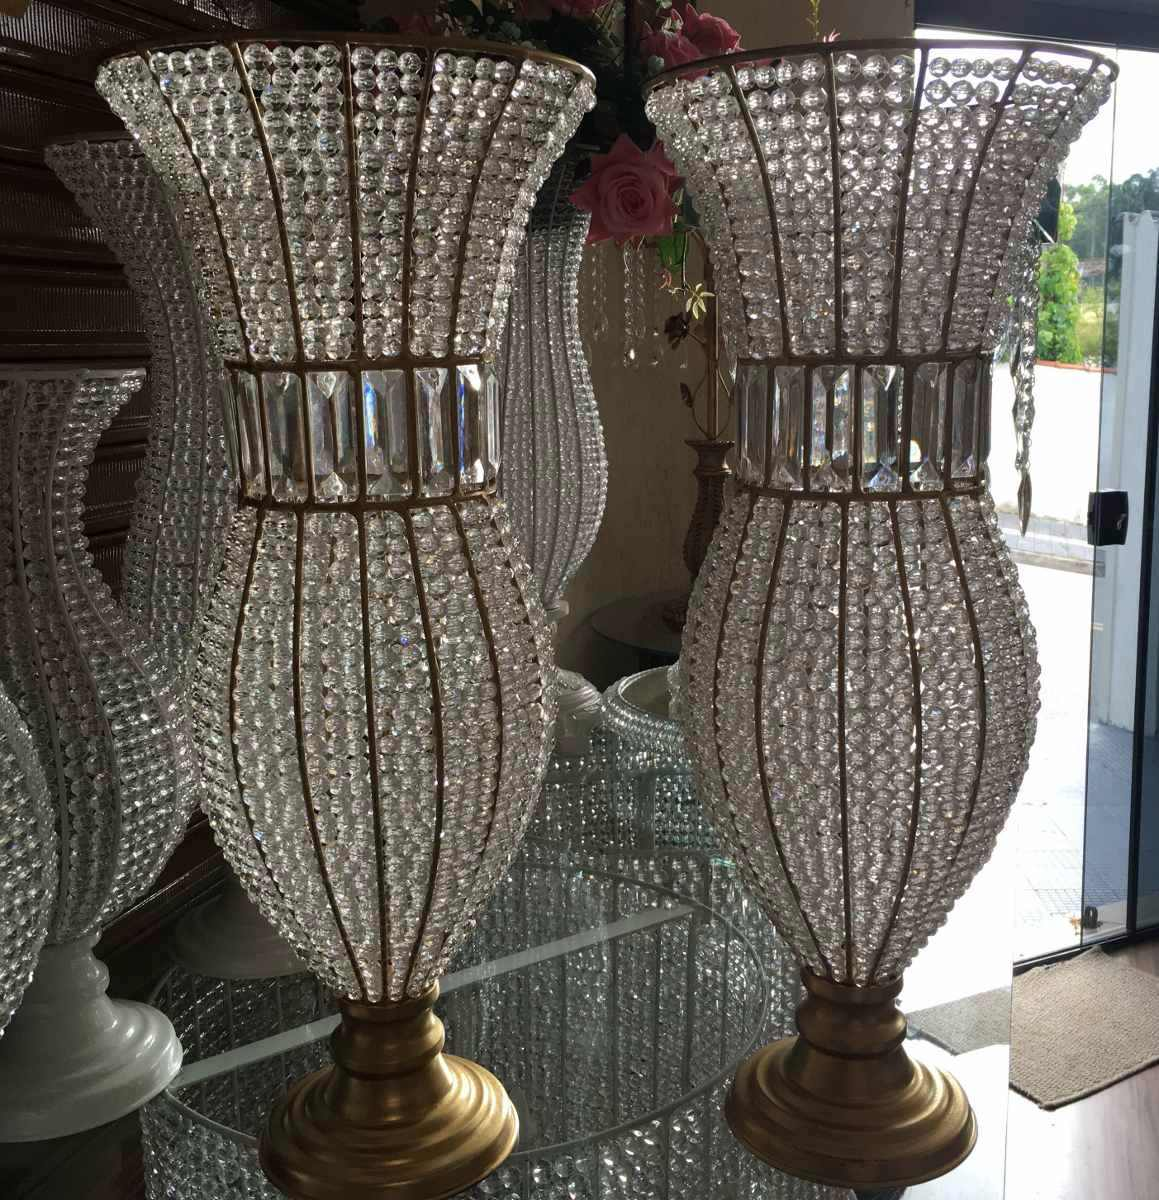 Kit vaso imp rio p de ferro e bandejas imp rio p de resina r em mercado livre - Vasos grandes cristal ...